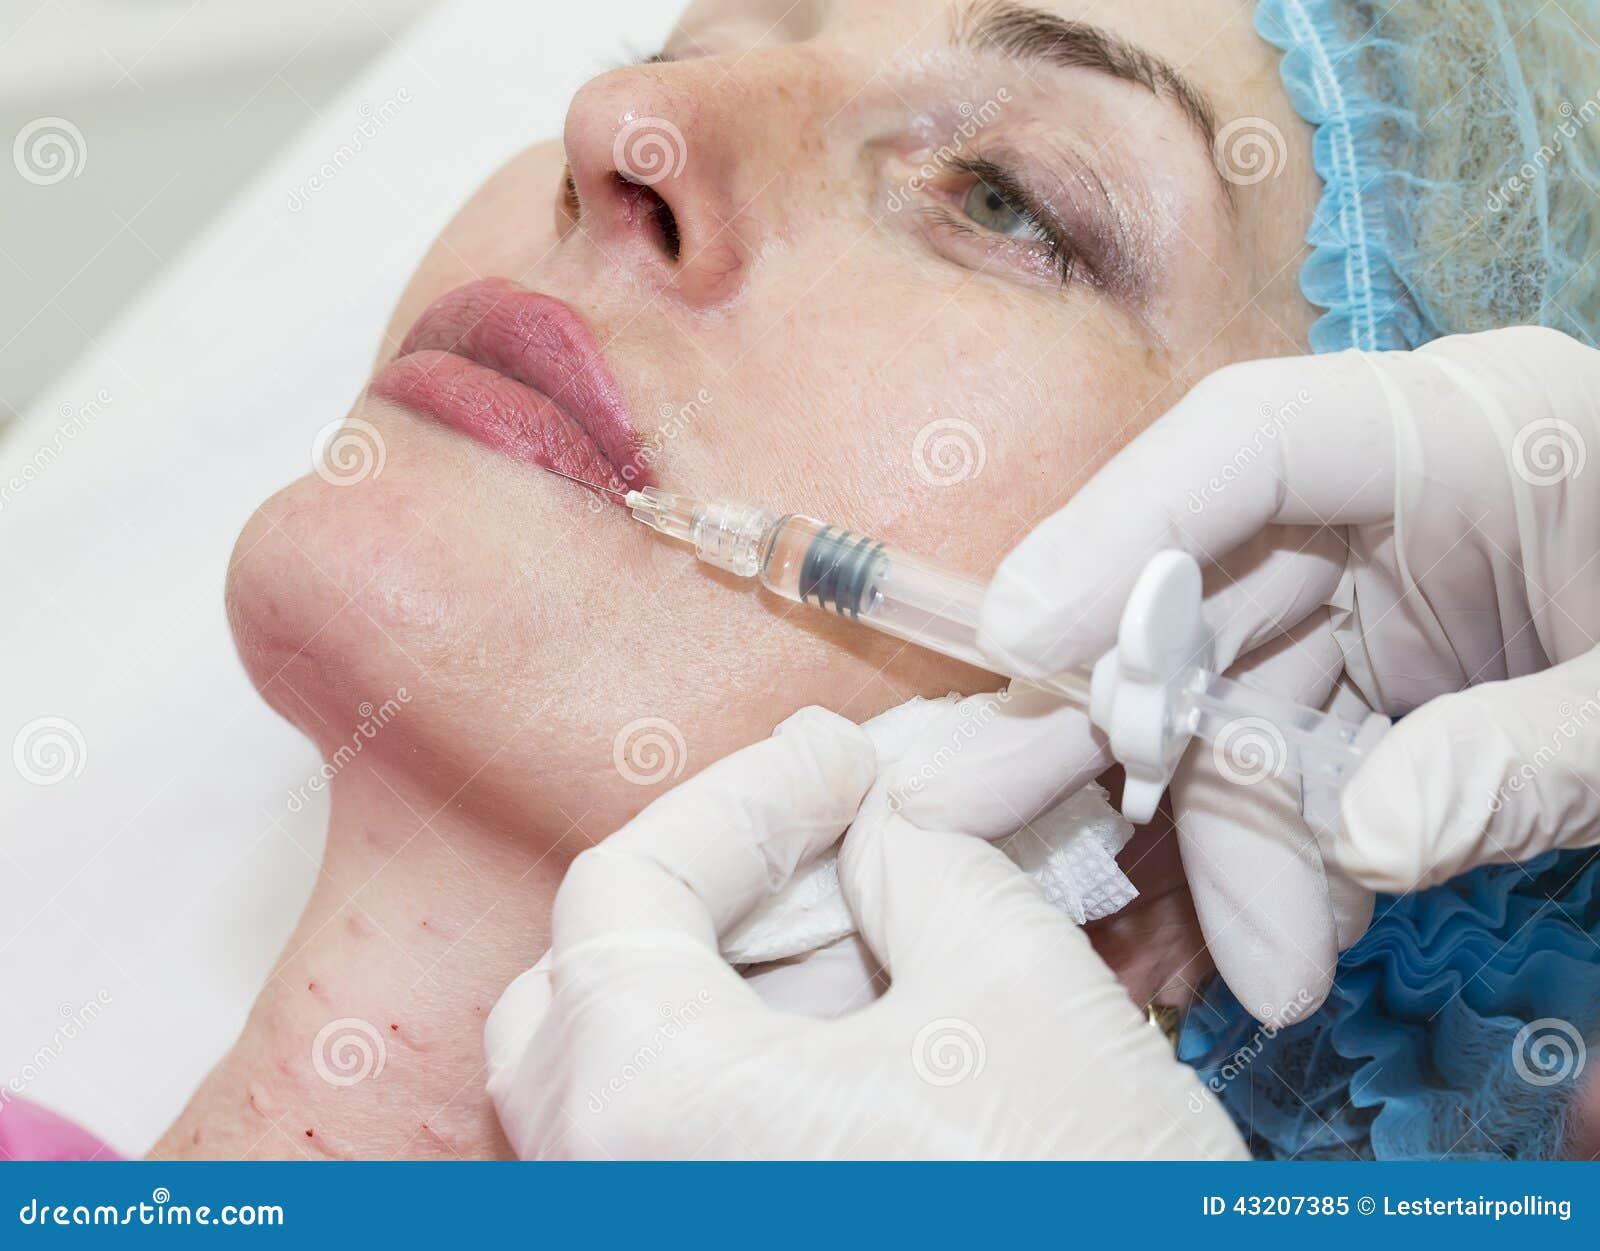 Download Kosmetisk kirurgi fotografering för bildbyråer. Bild av moget - 43207385